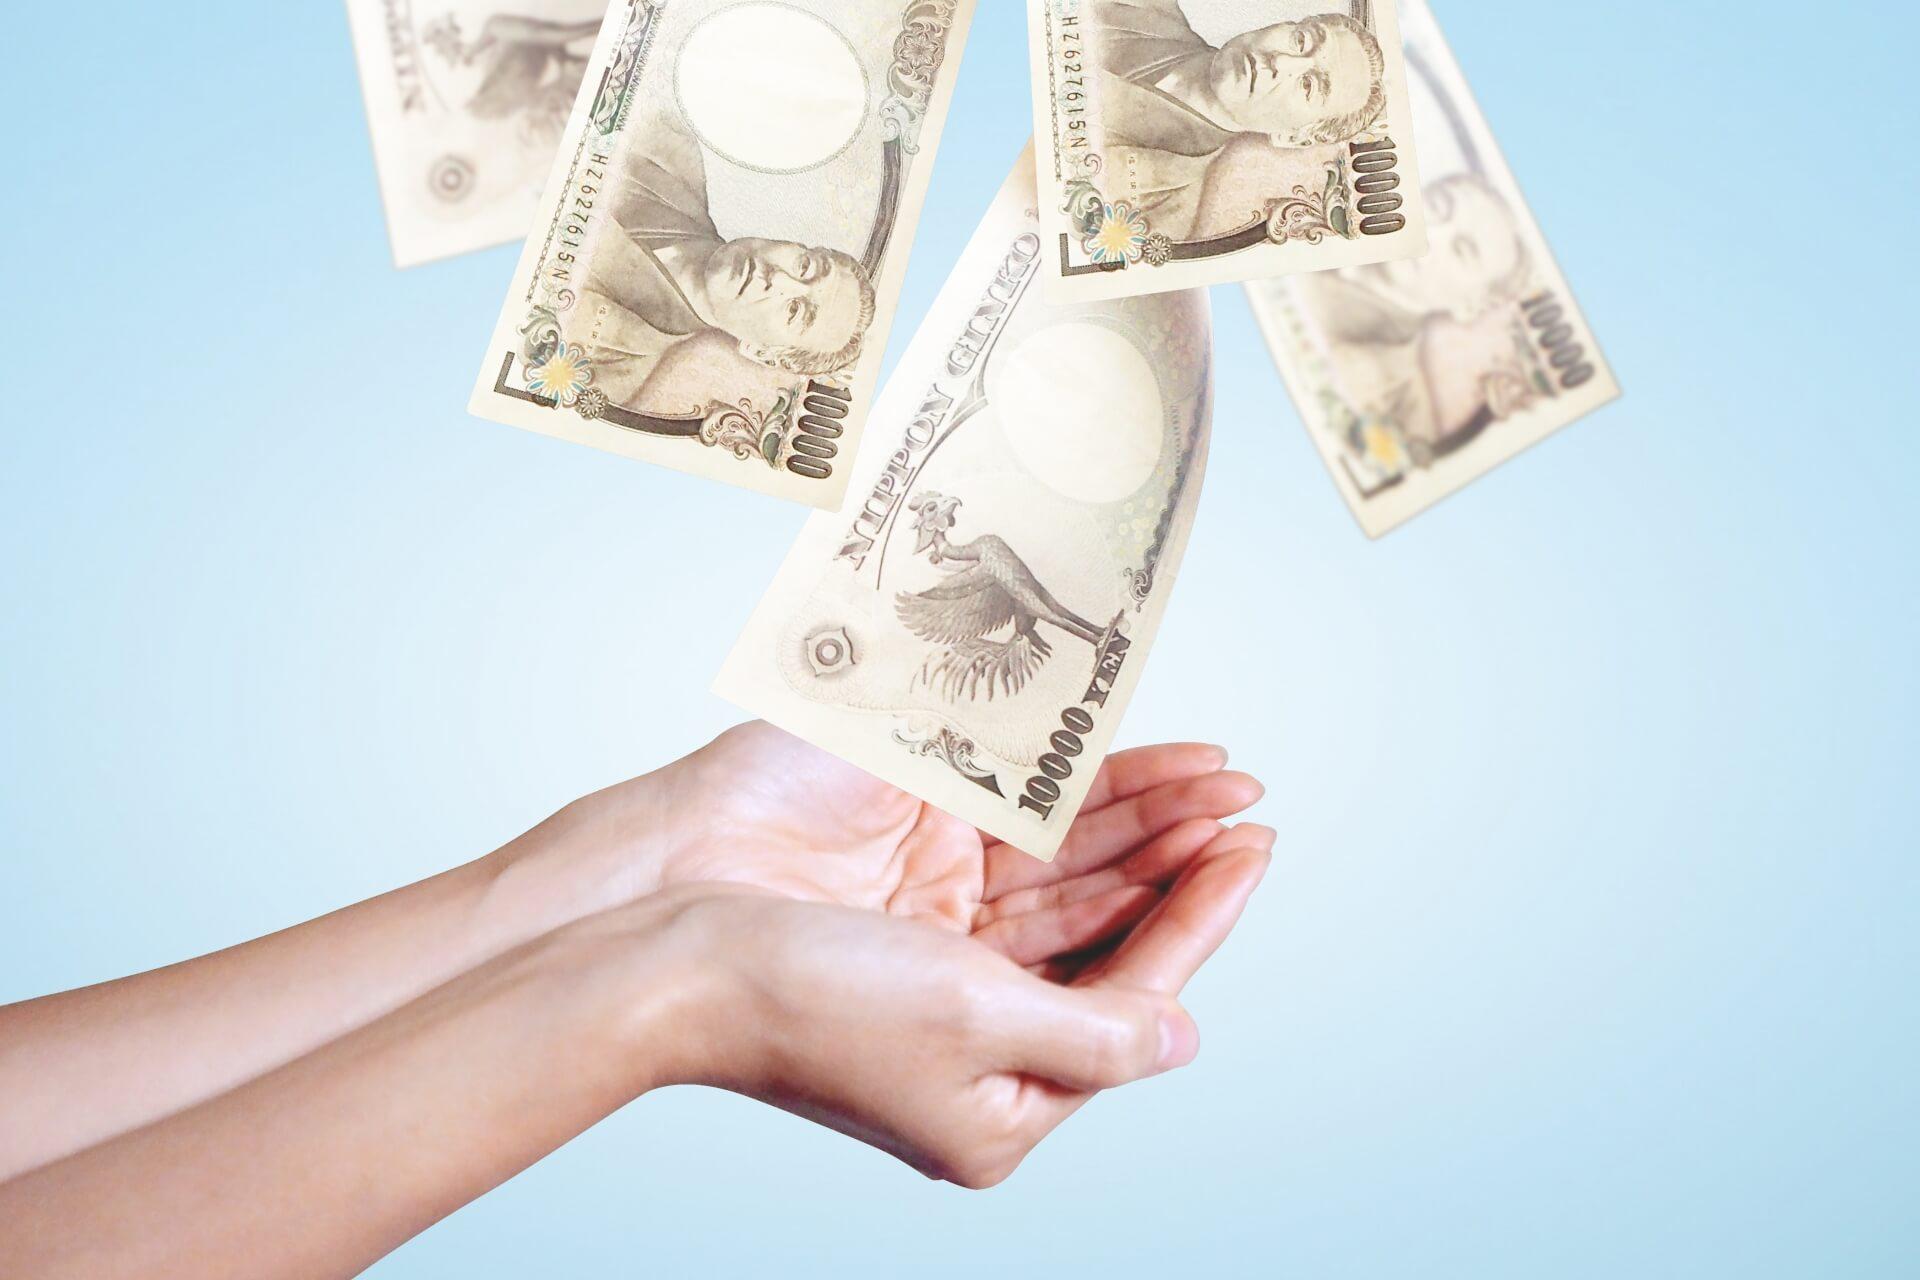 【やらなきゃ損!?】サラリーマンだからこそ、すぐに儲けが出なくても複業すべきシンプルな理由。